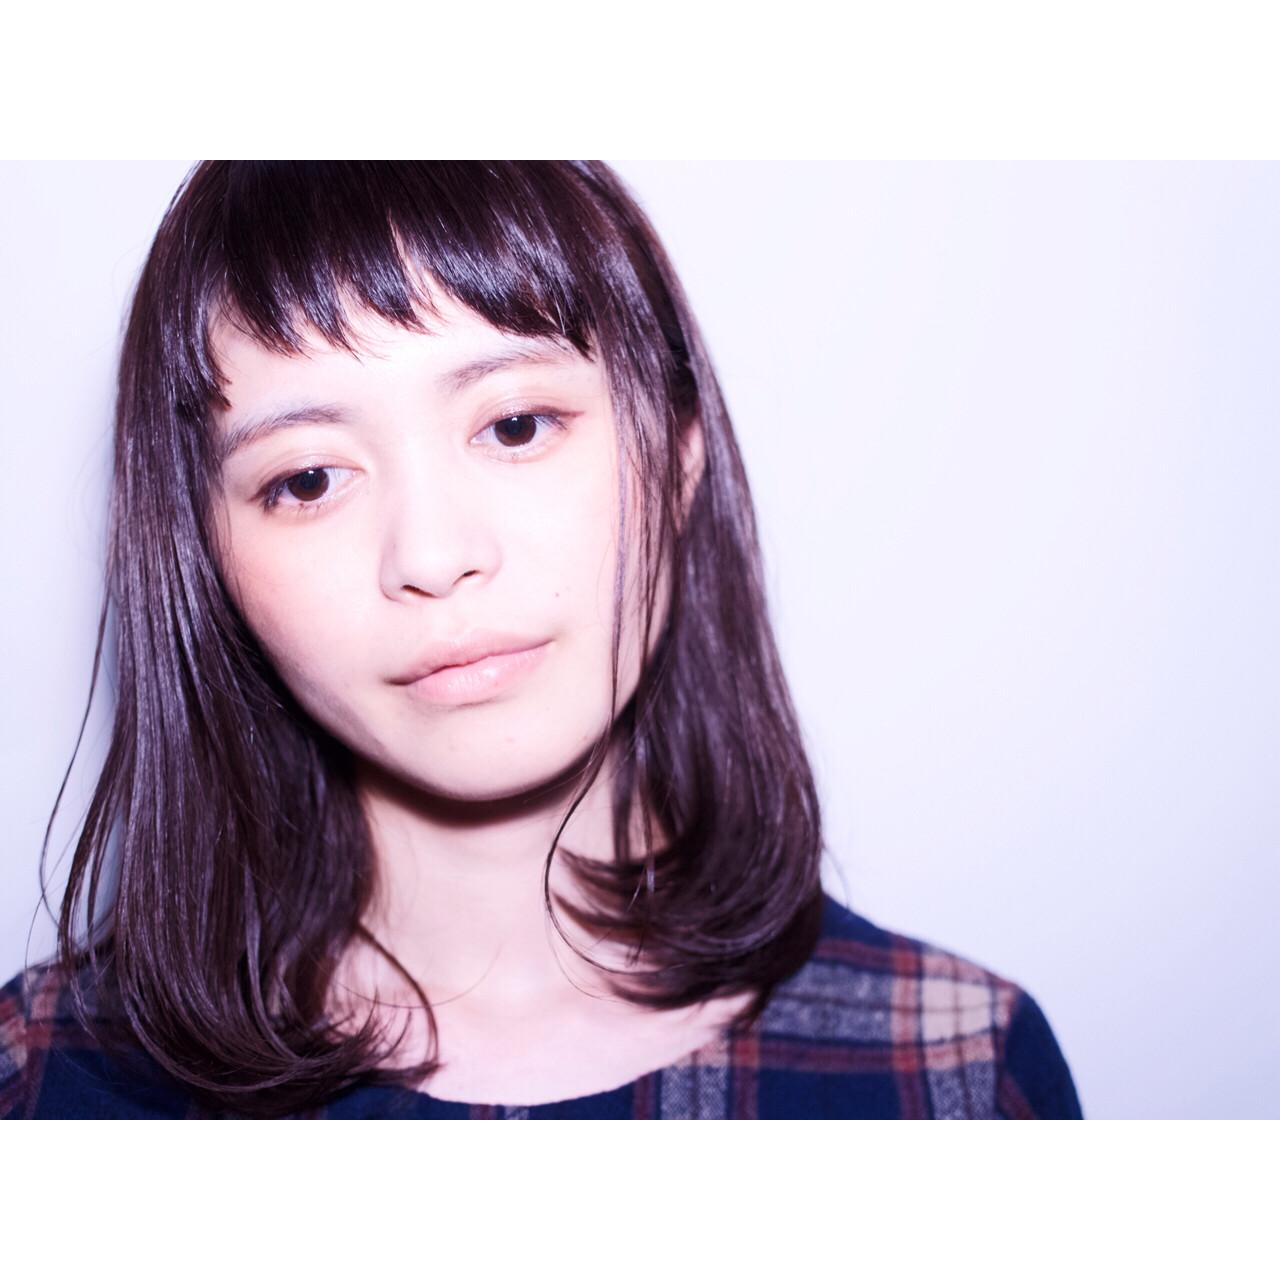 ダブルカラー 前髪あり ミディアム イルミナカラー ヘアスタイルや髪型の写真・画像   ヤマダ ケイタ / graf